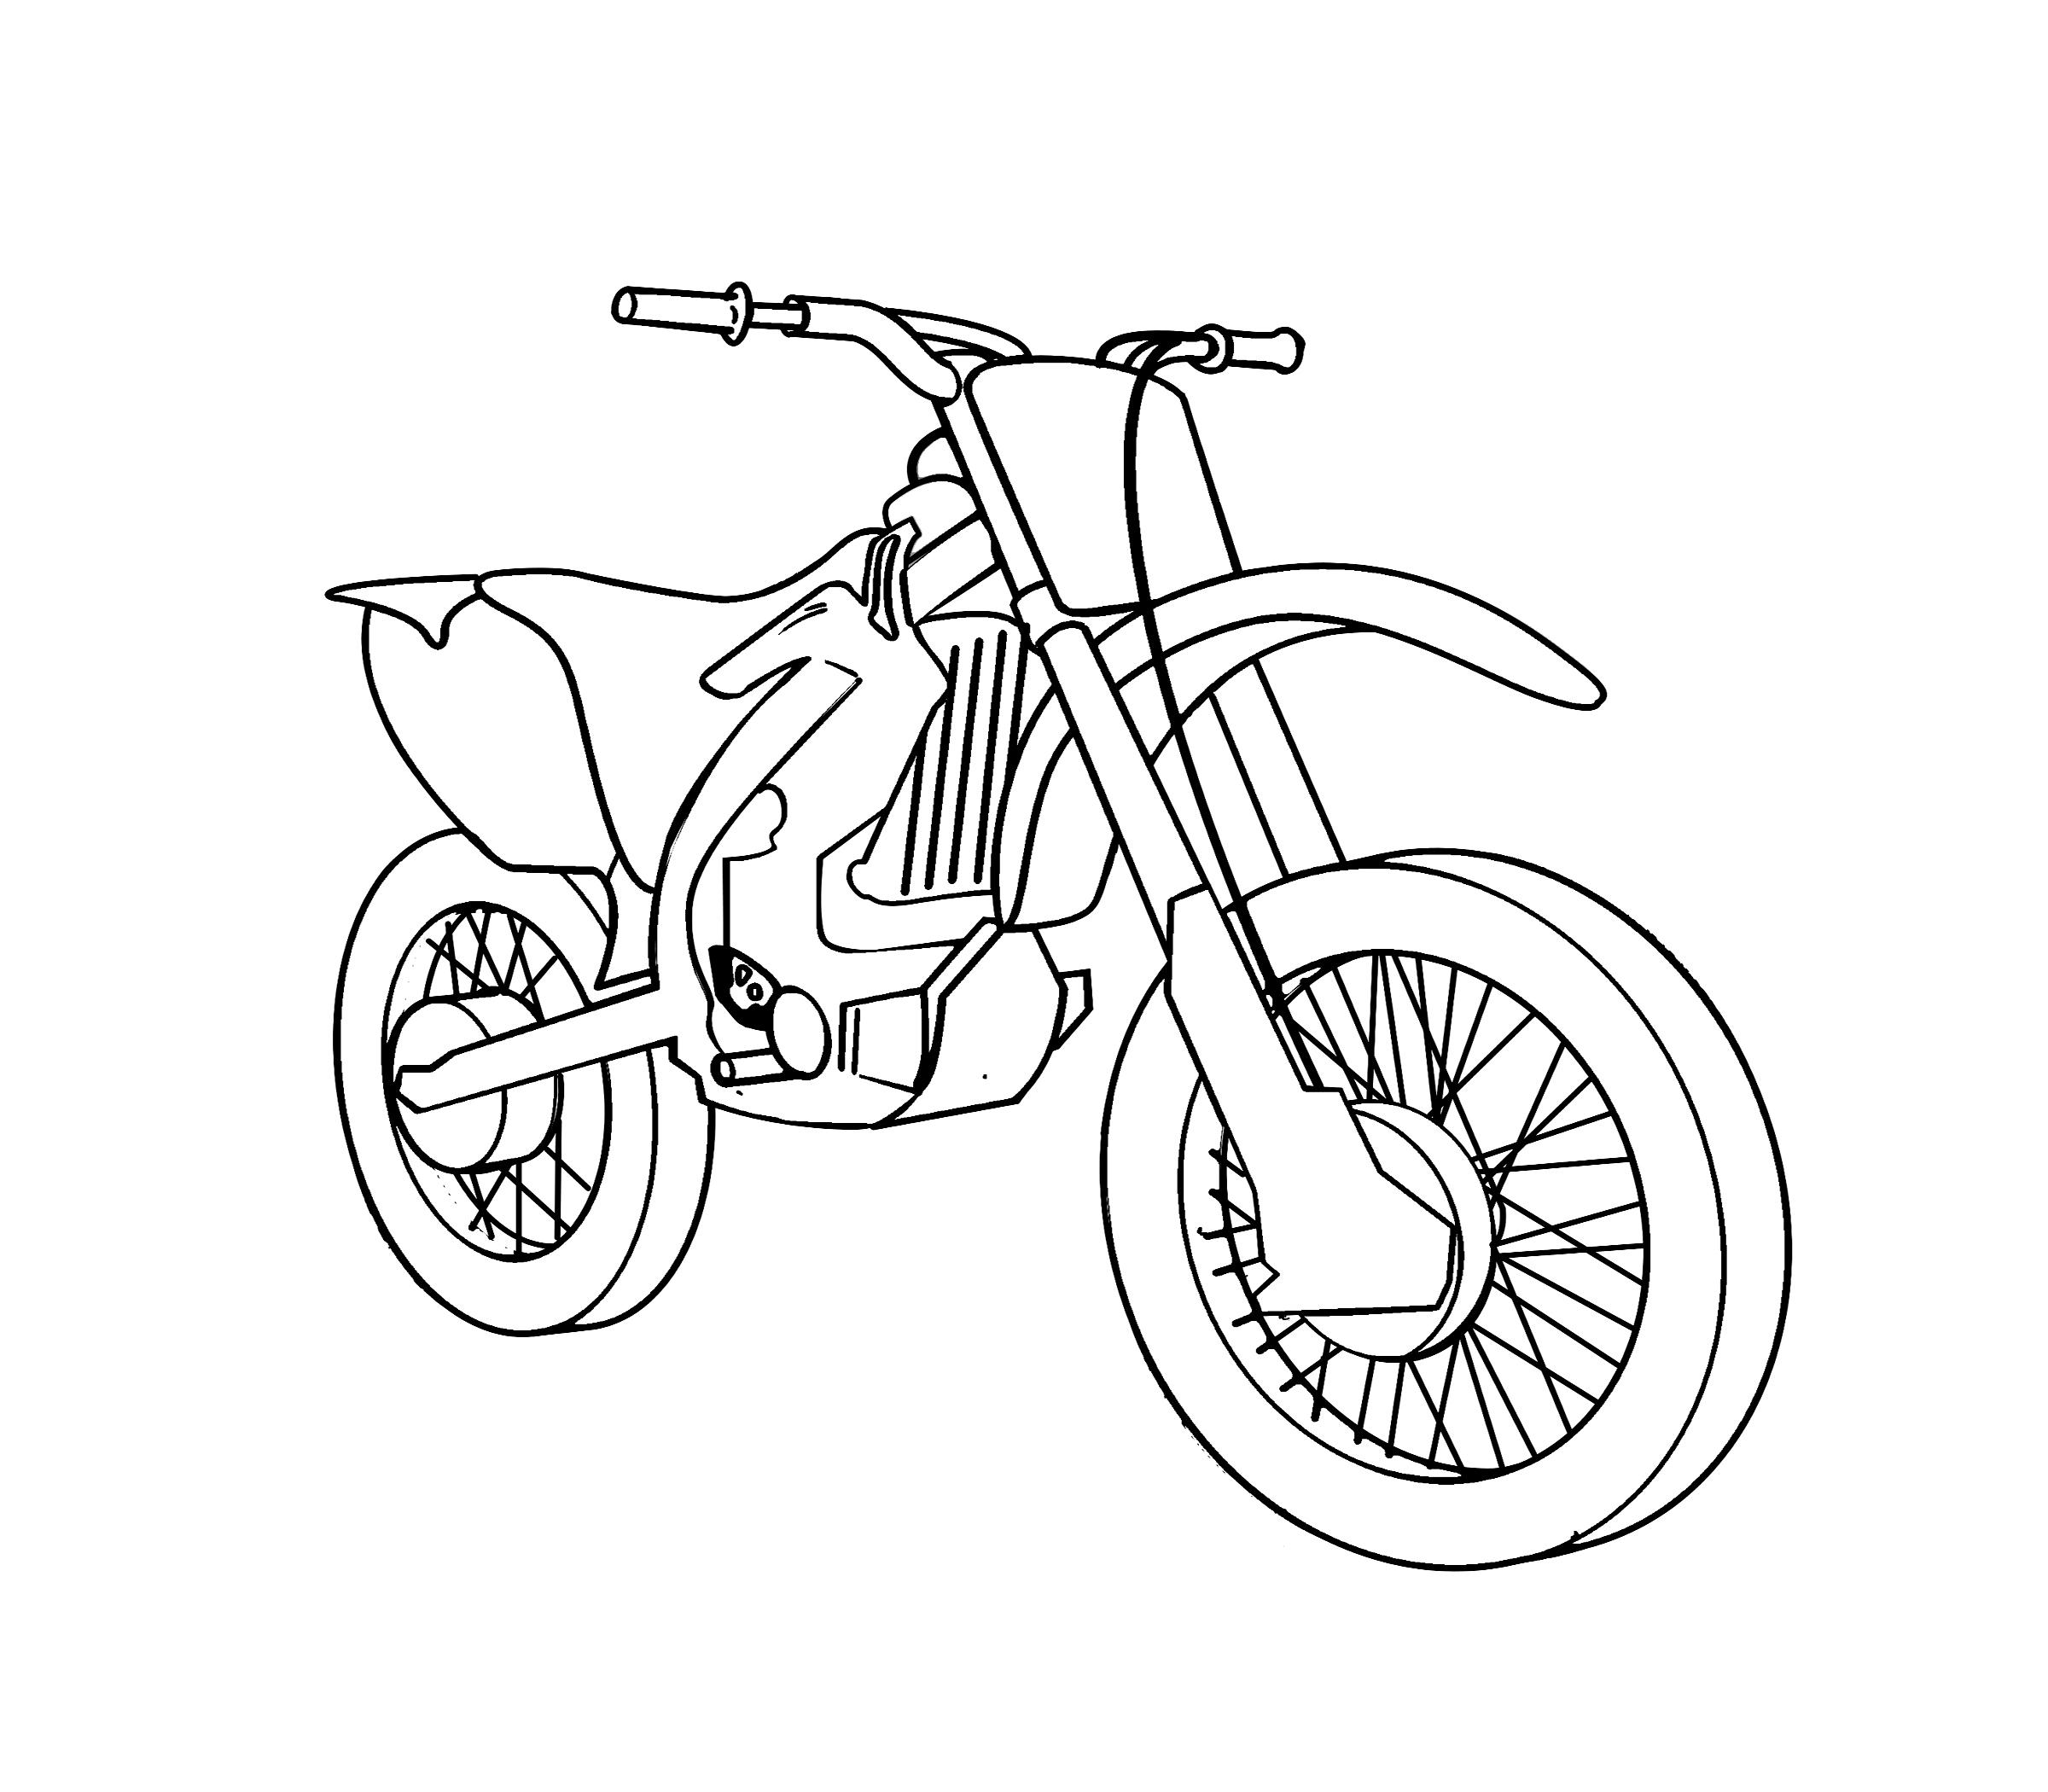 Motorrad Ausmalbilder Kostenlos Malvorlagen Windowcolor zum Drucken